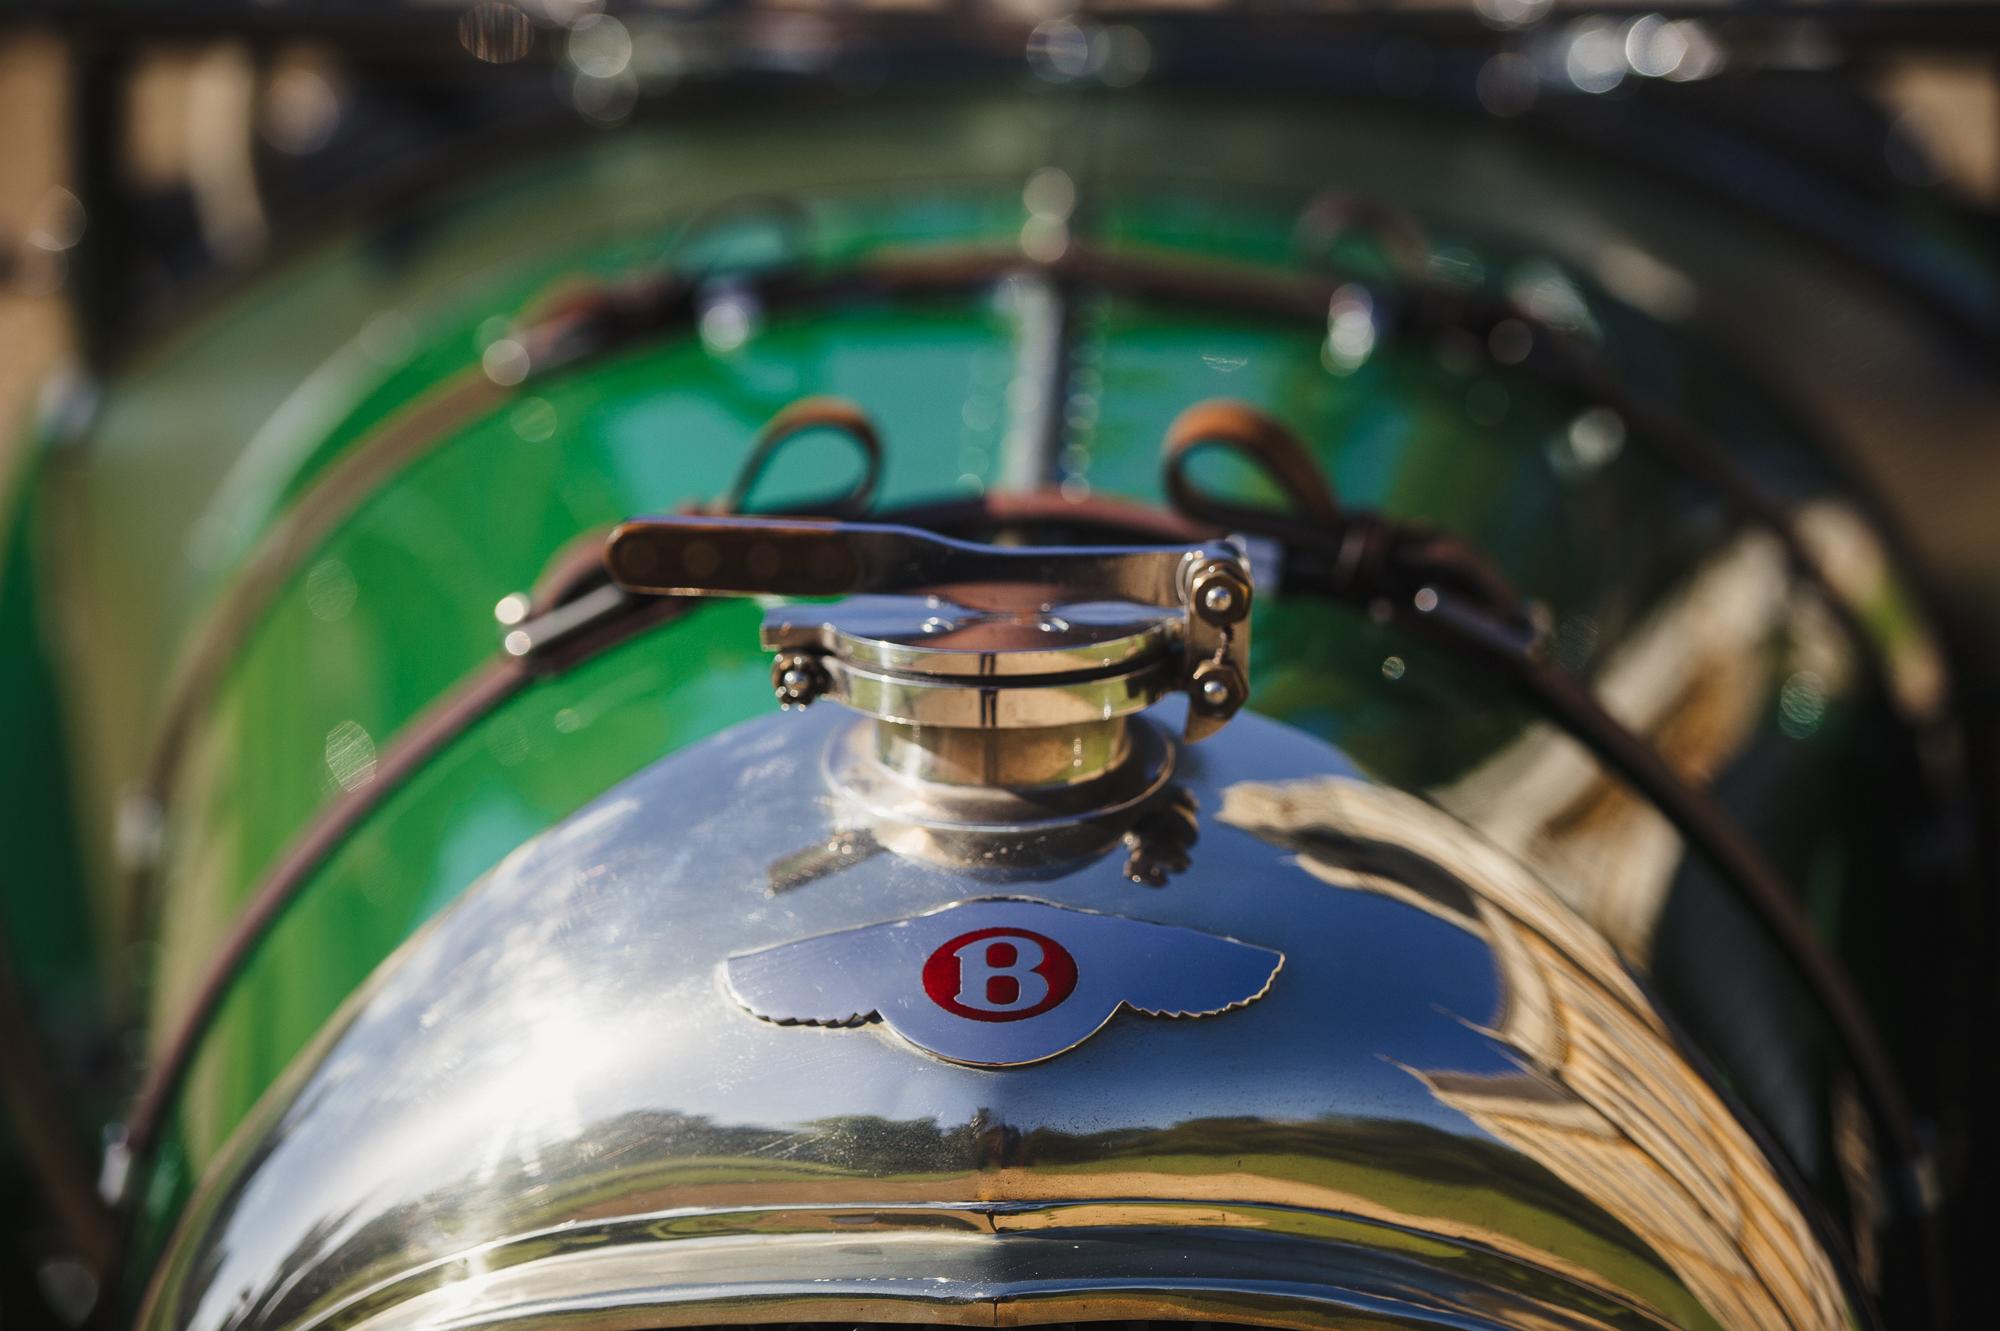 Bentley_3-4.5_LeMans_017.jpg